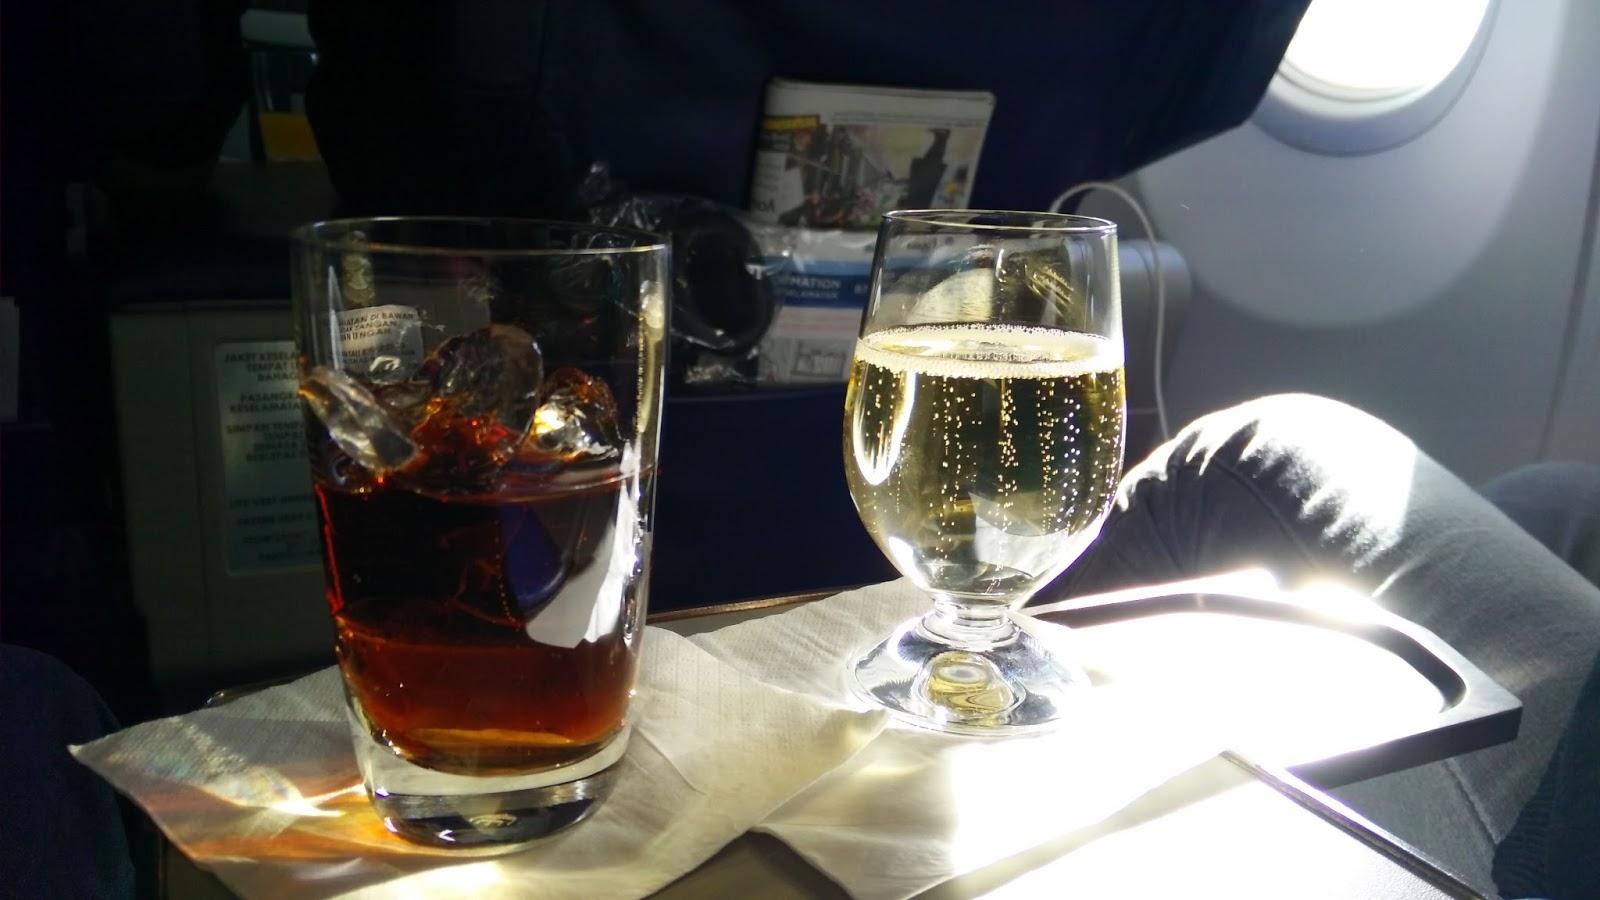 黑老闆說︱一上機空姐就遞上水酒,可能是怕招待不週,想先把我們灌醉,哈哈!